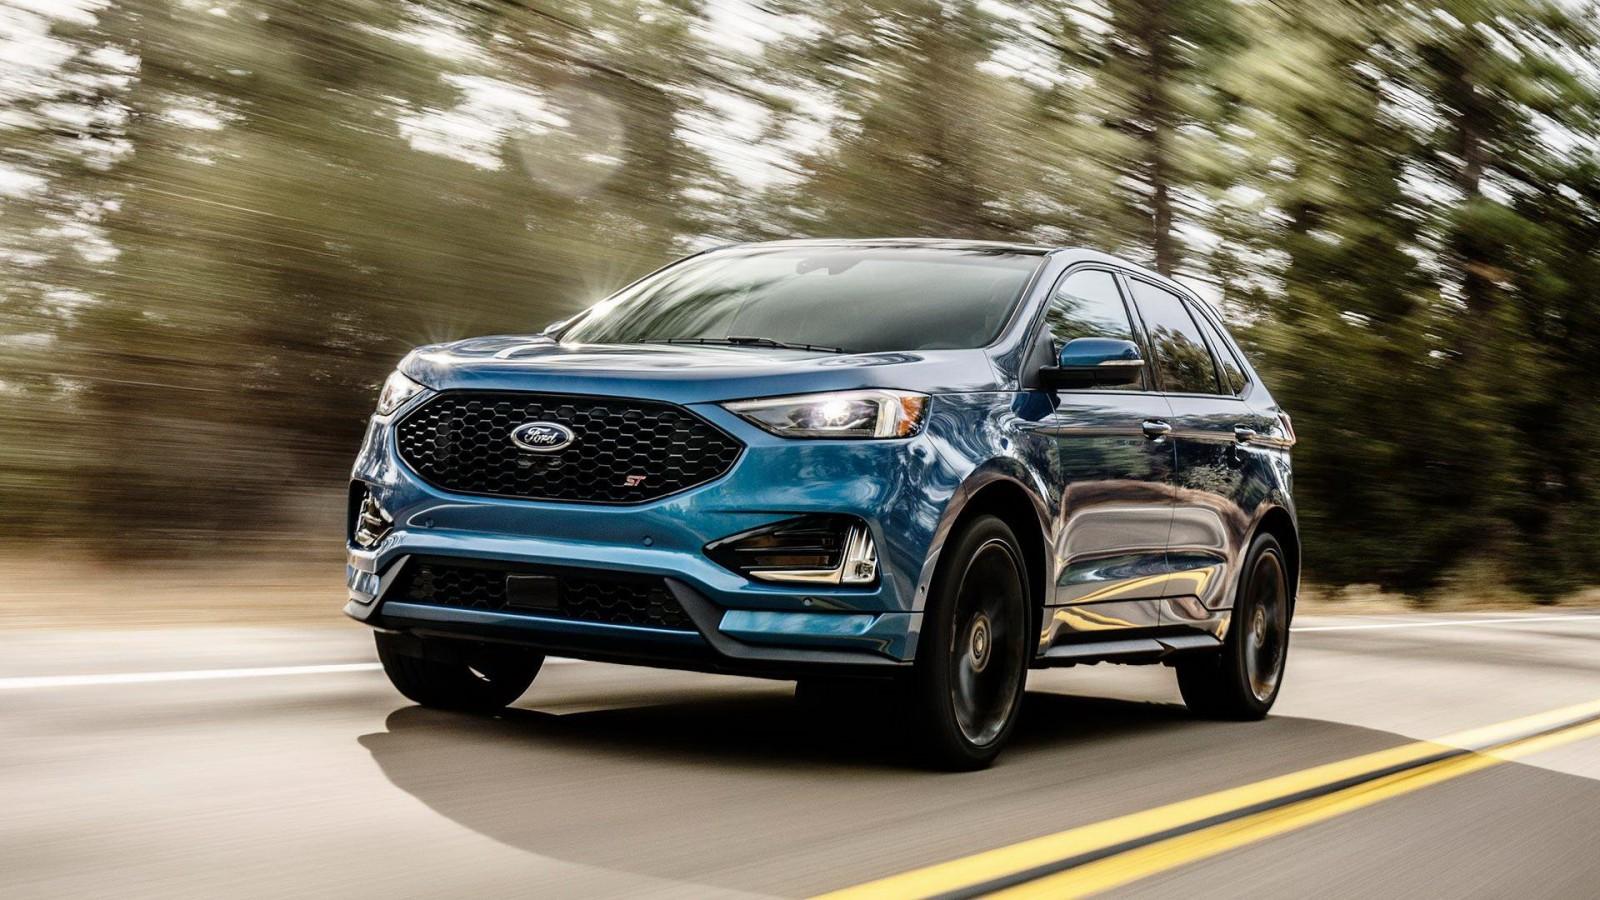 (video) Ford prezintă crossoverul Edge facelift şi versiunea sport Edge ST cu 340 de CP